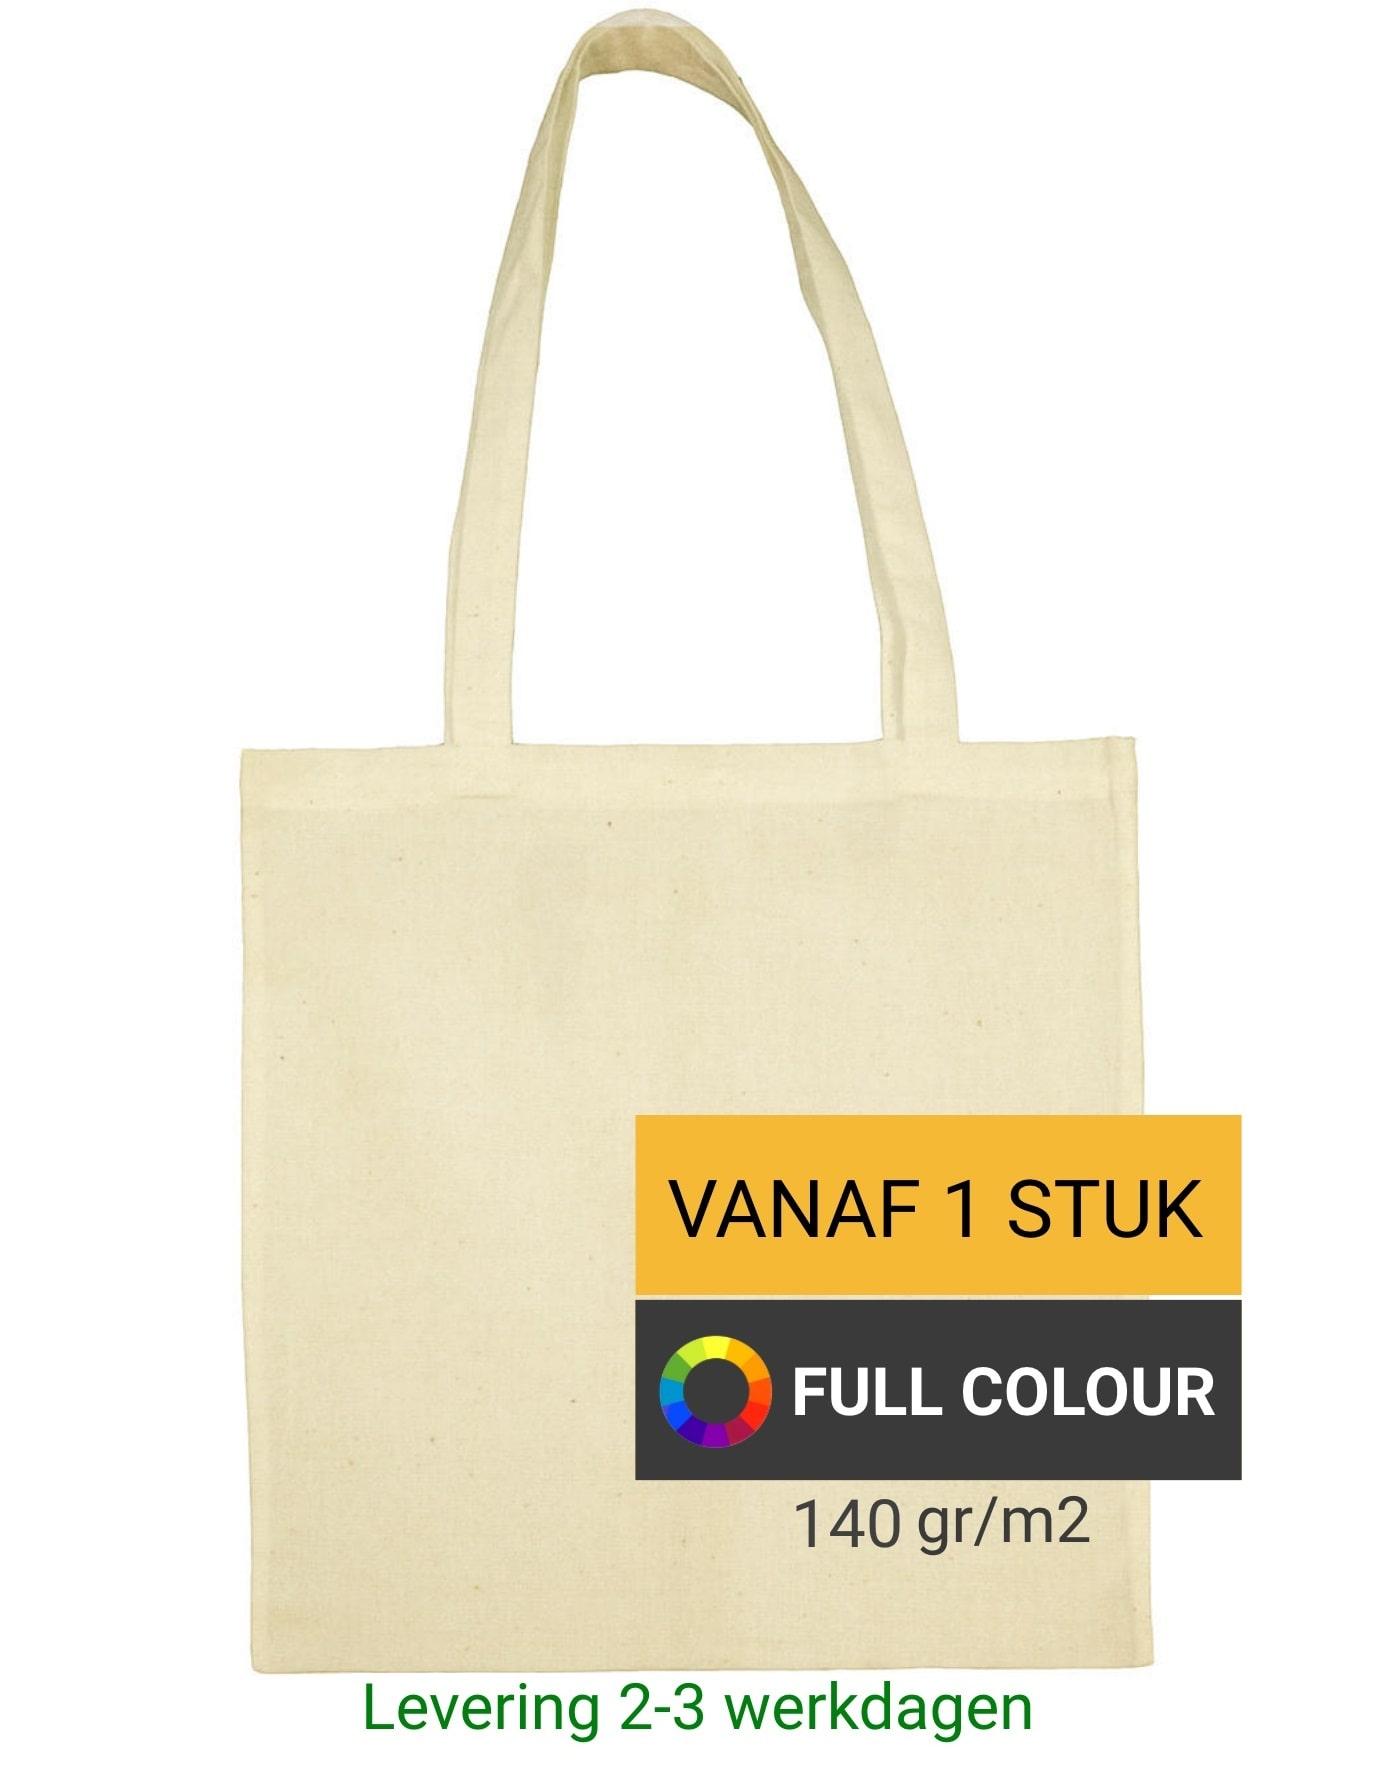 2aba74faa98 Full colour katoenen tas bedrukken vanaf 1 stuk   lange hengels   Kleine  oplage